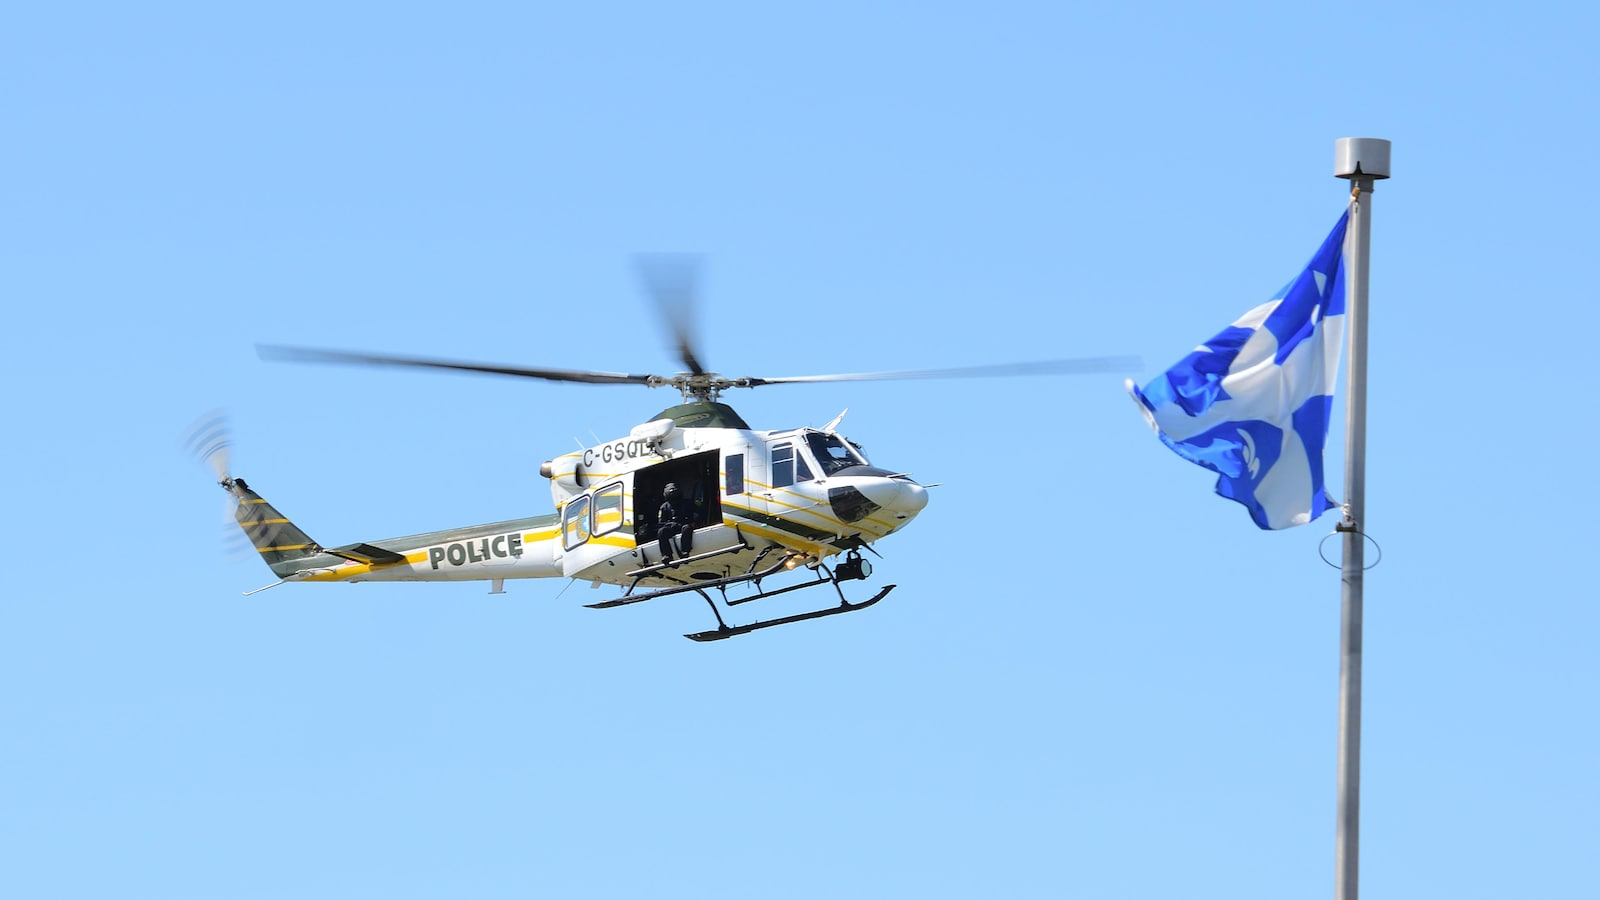 Un hélicoptère volant dans le ciel.